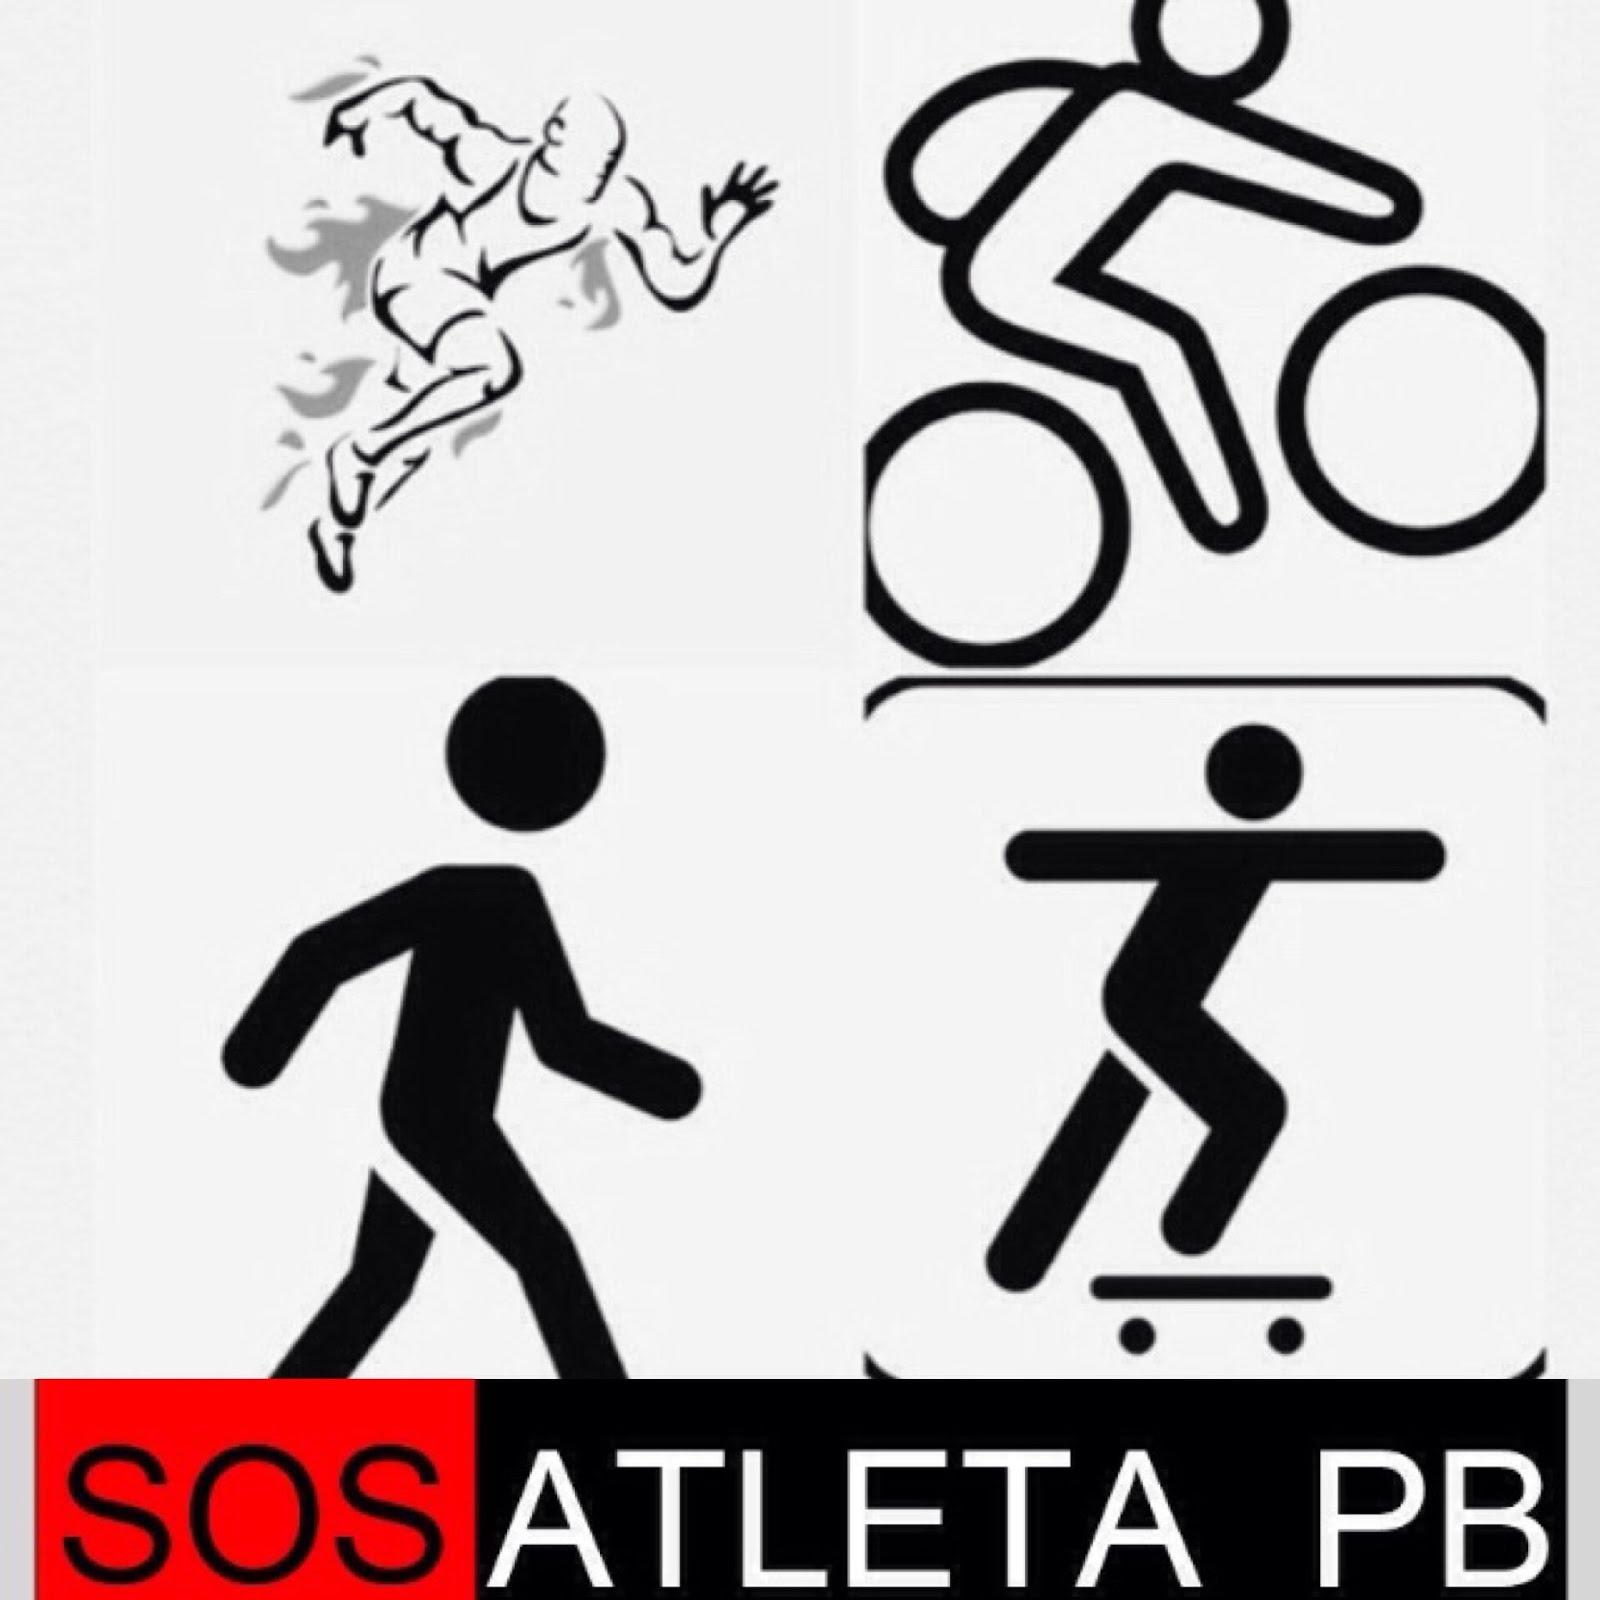 SOS ATLETA PB